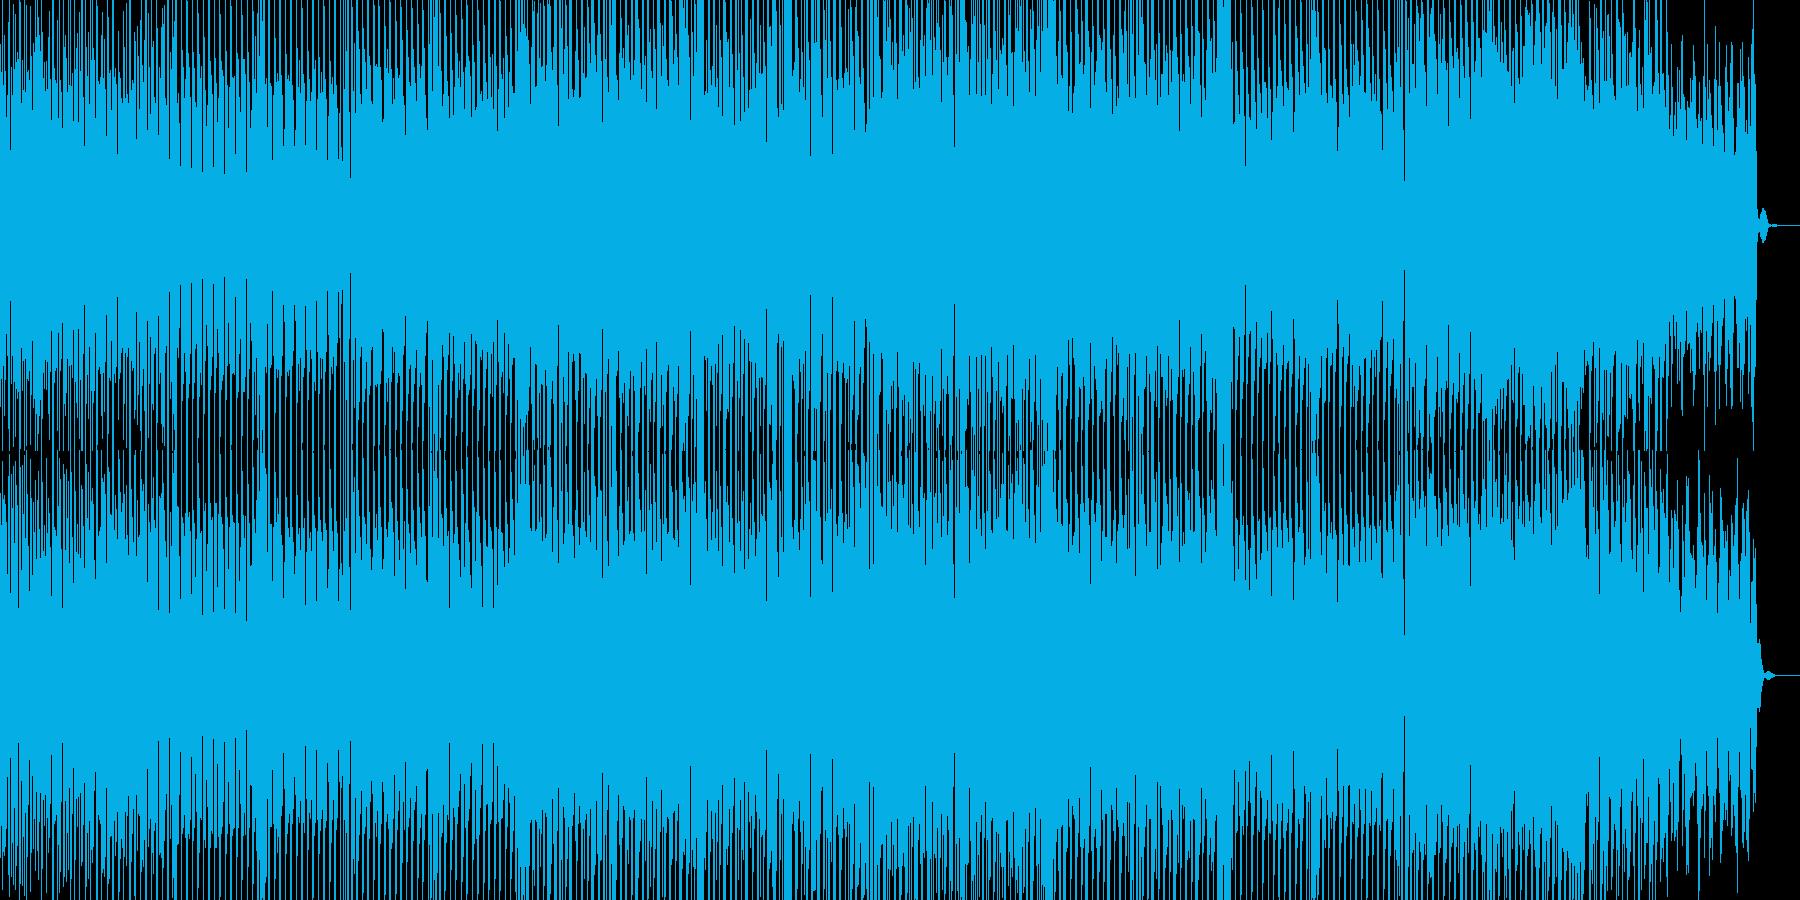 ひたすら明るいEDMの再生済みの波形